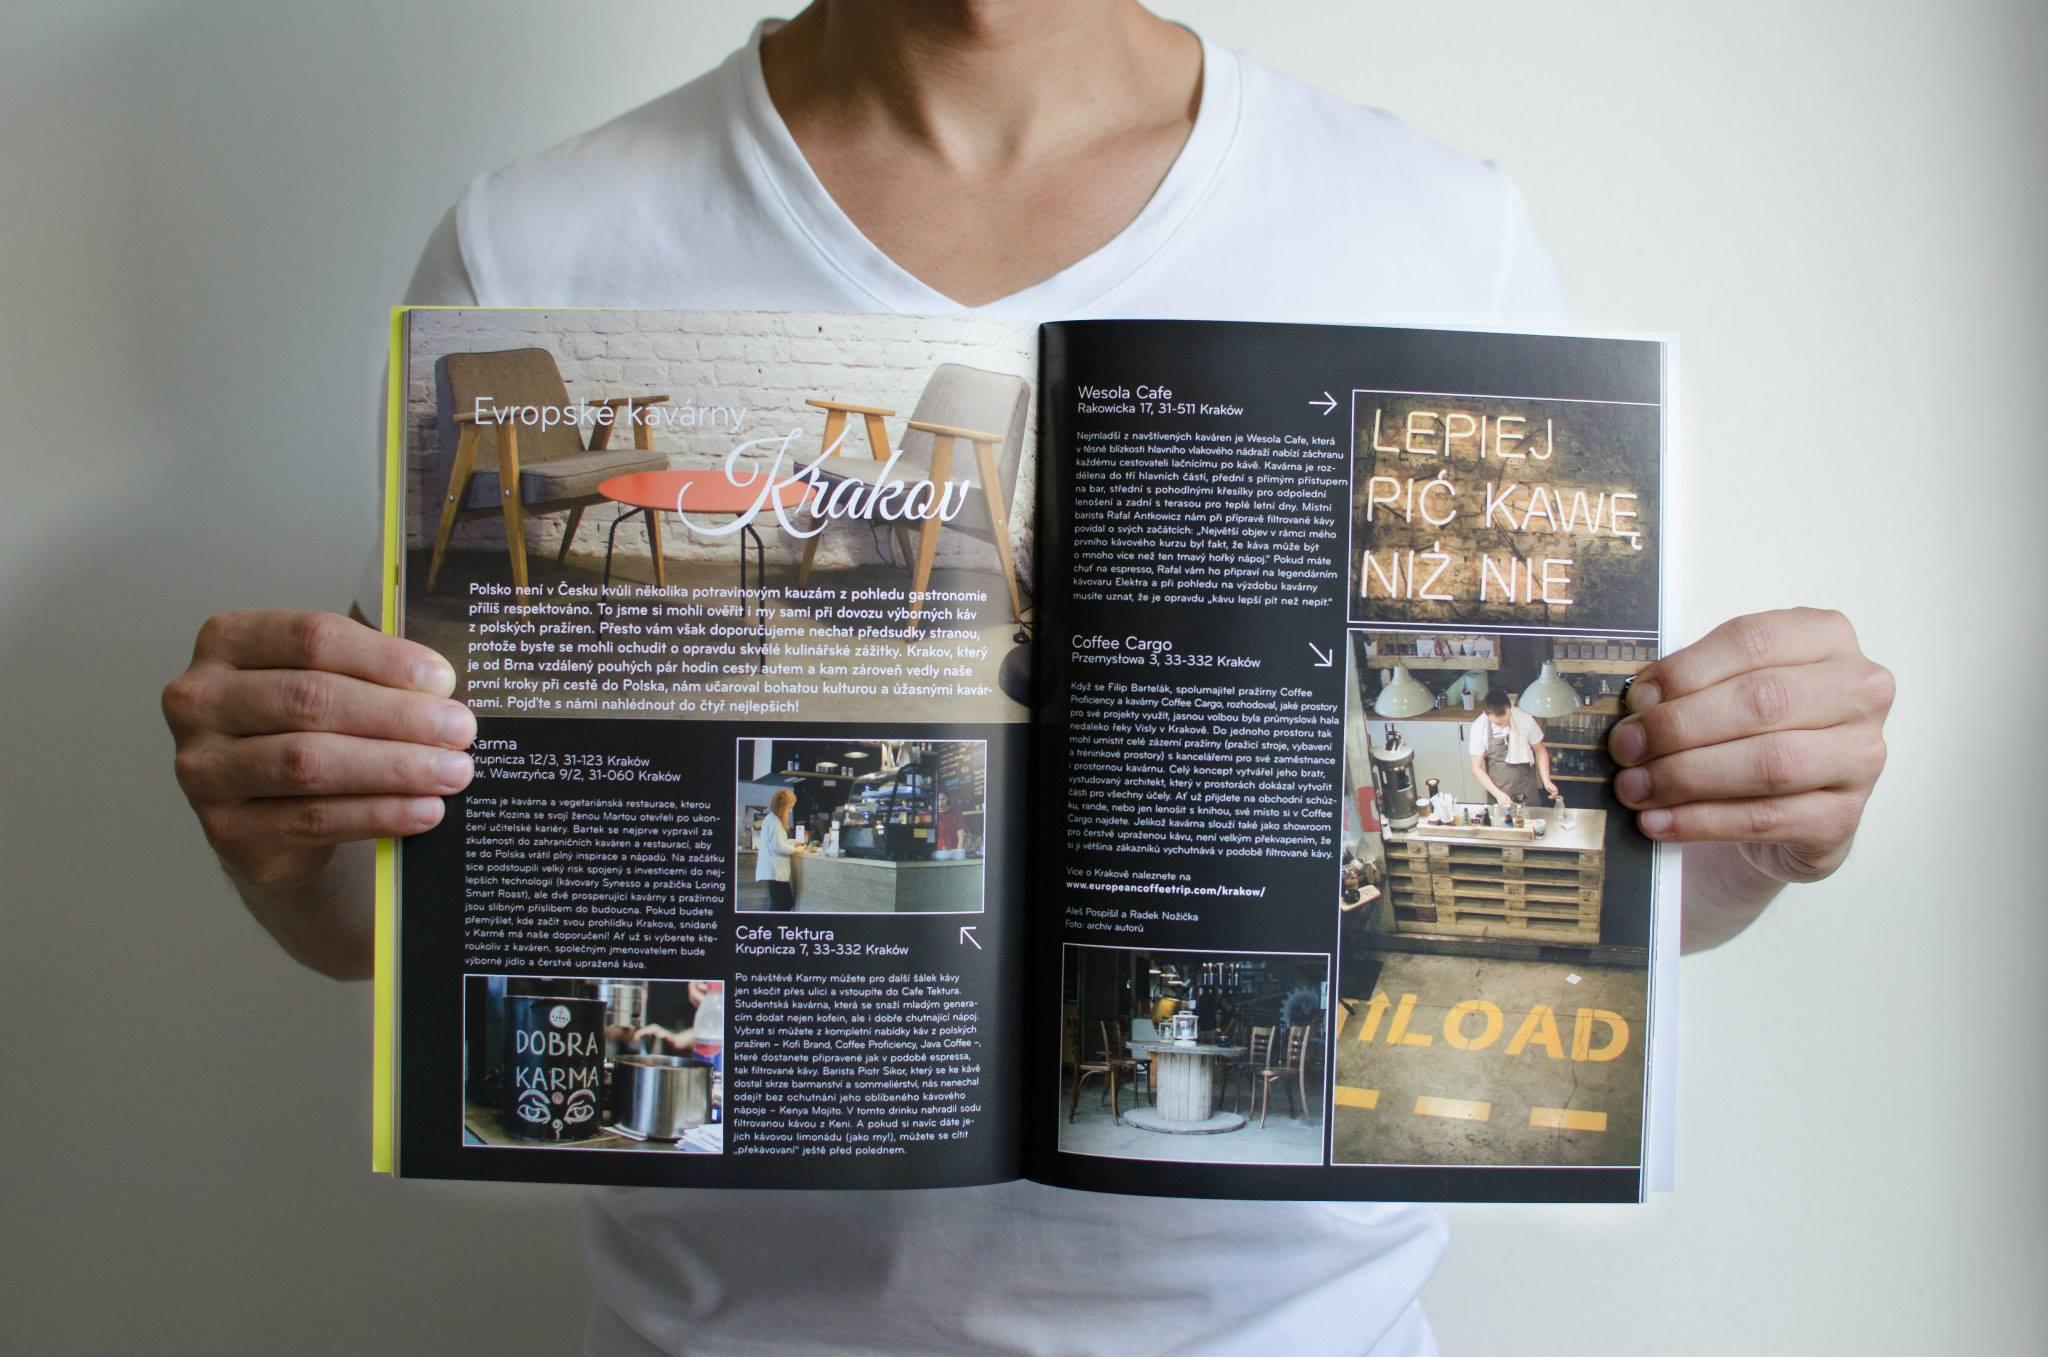 European Coffee Trip několikrát přispěl do vyhlášených magazínů o kávě.